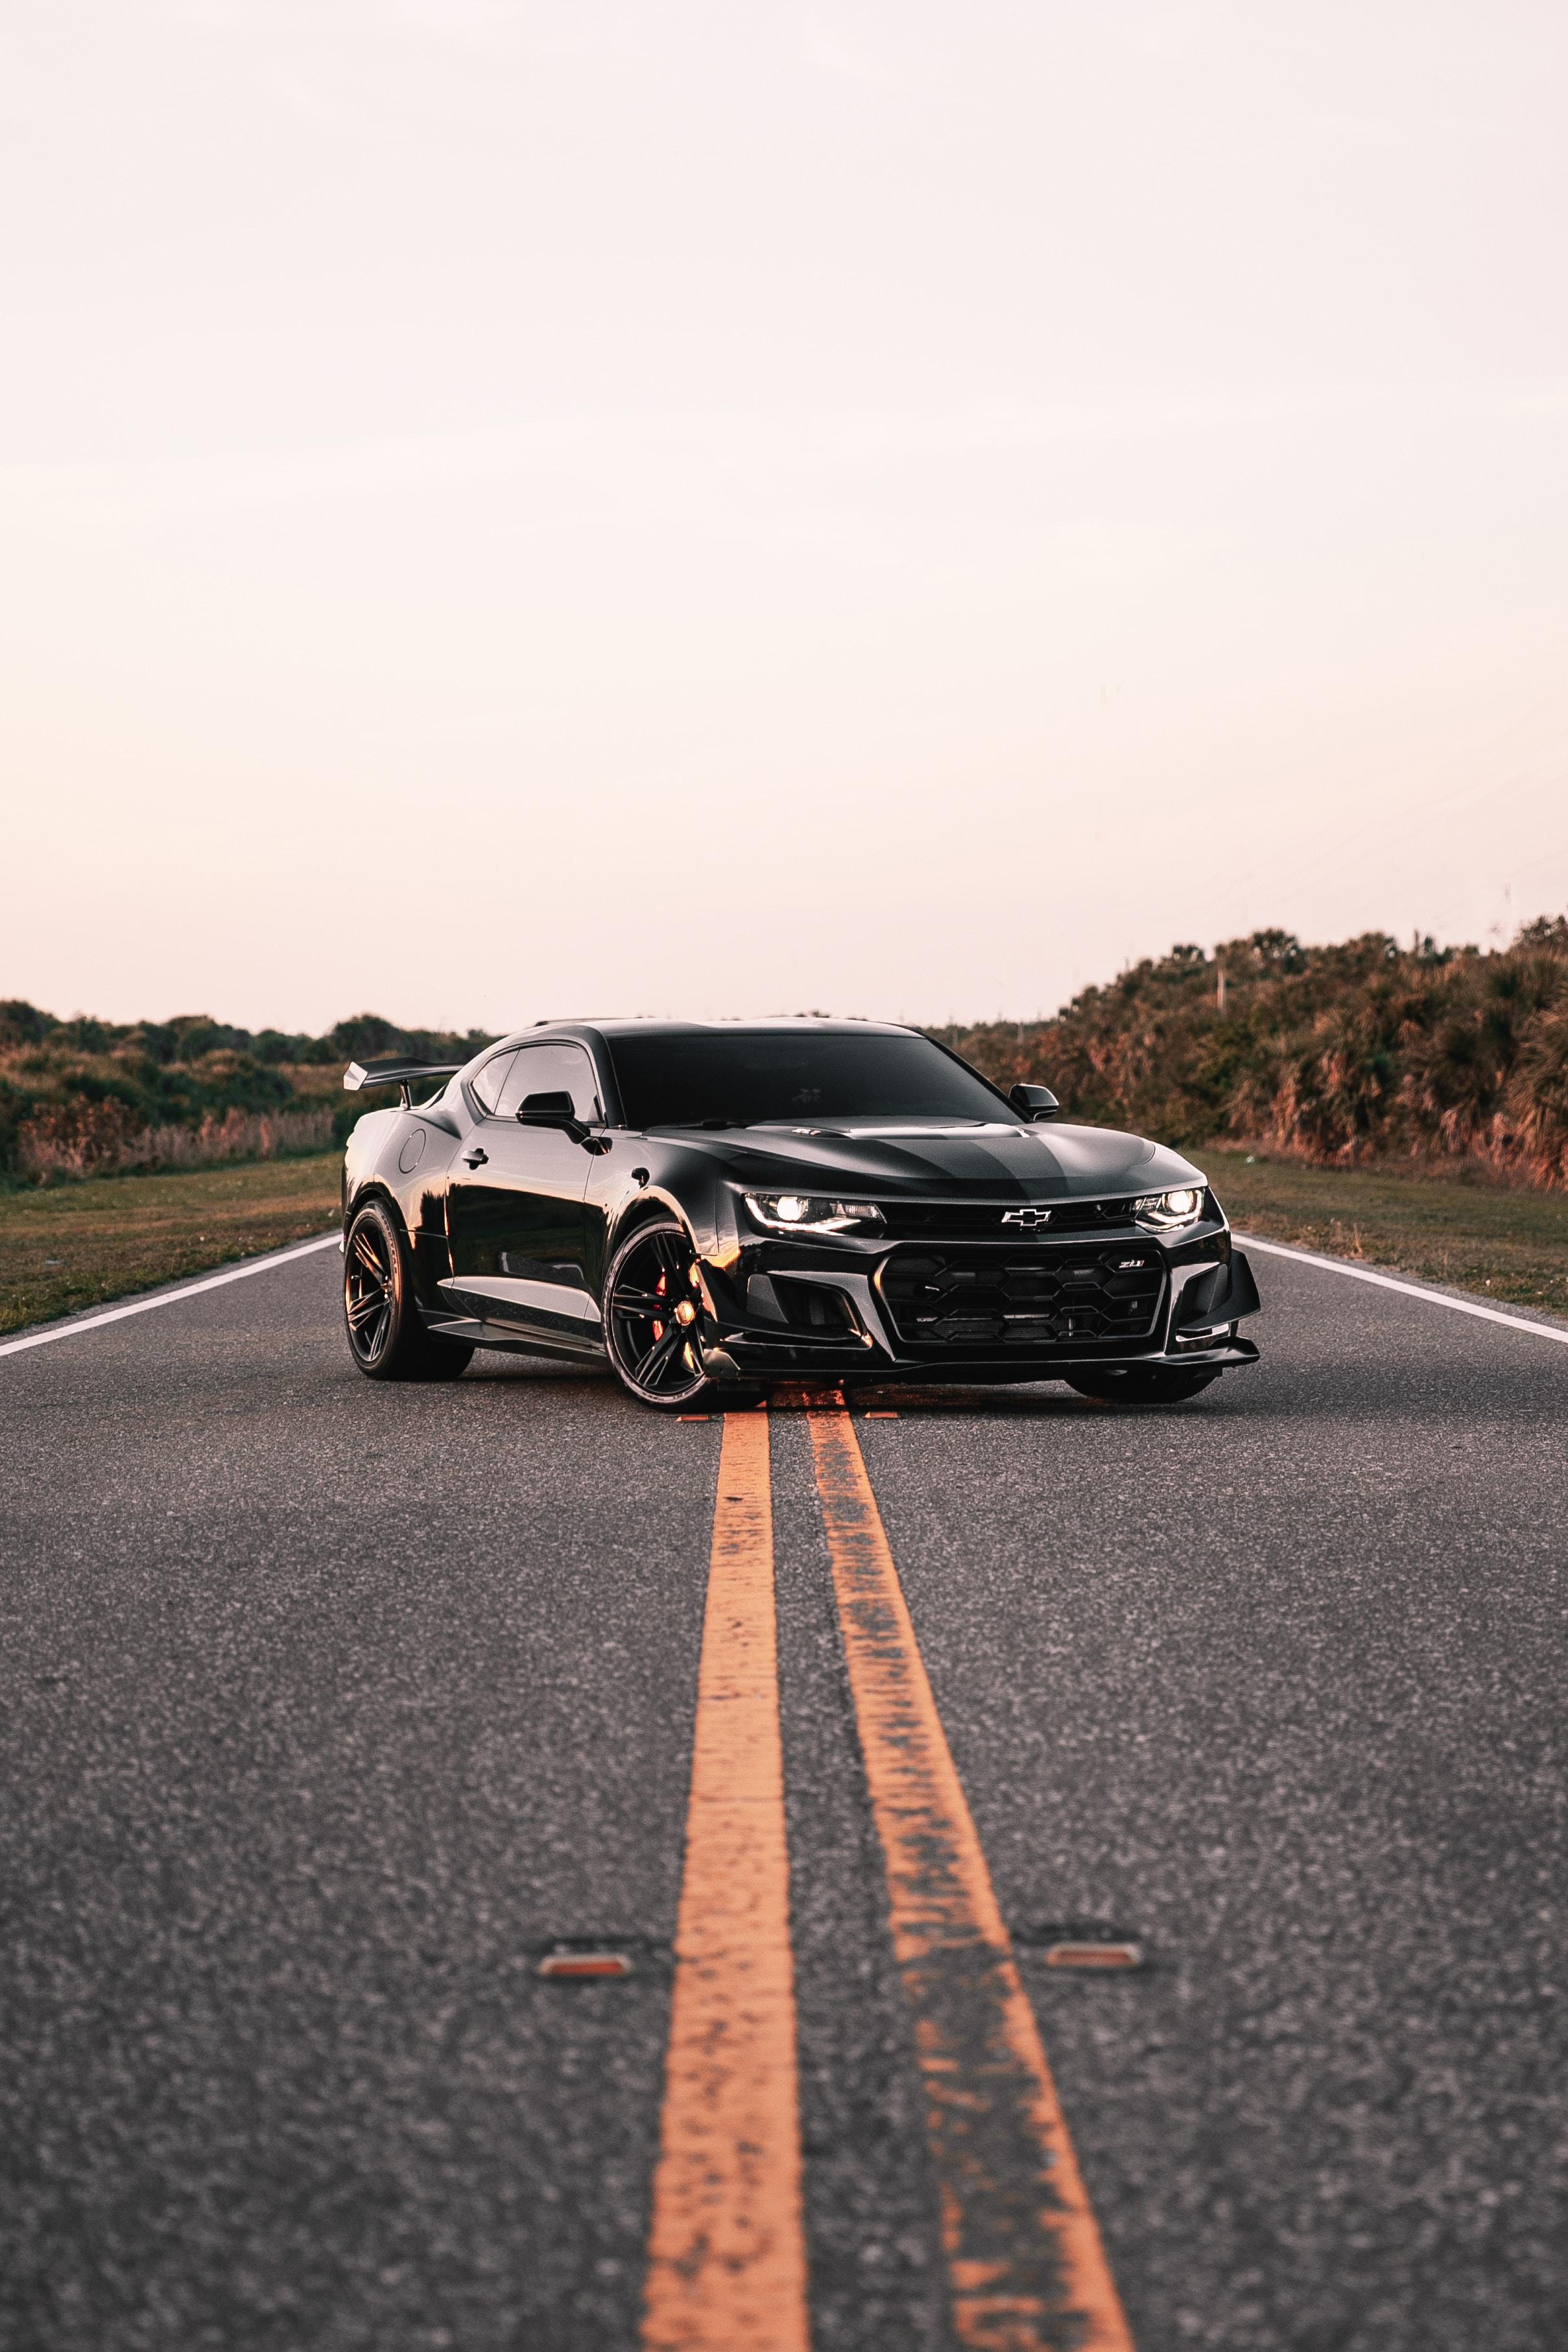 113202 Hintergrundbild herunterladen Auto, Chevrolet, Cars, Markup, Asphalt, Das Schwarze, Maschine, Chevrolet Camaro - Bildschirmschoner und Bilder kostenlos